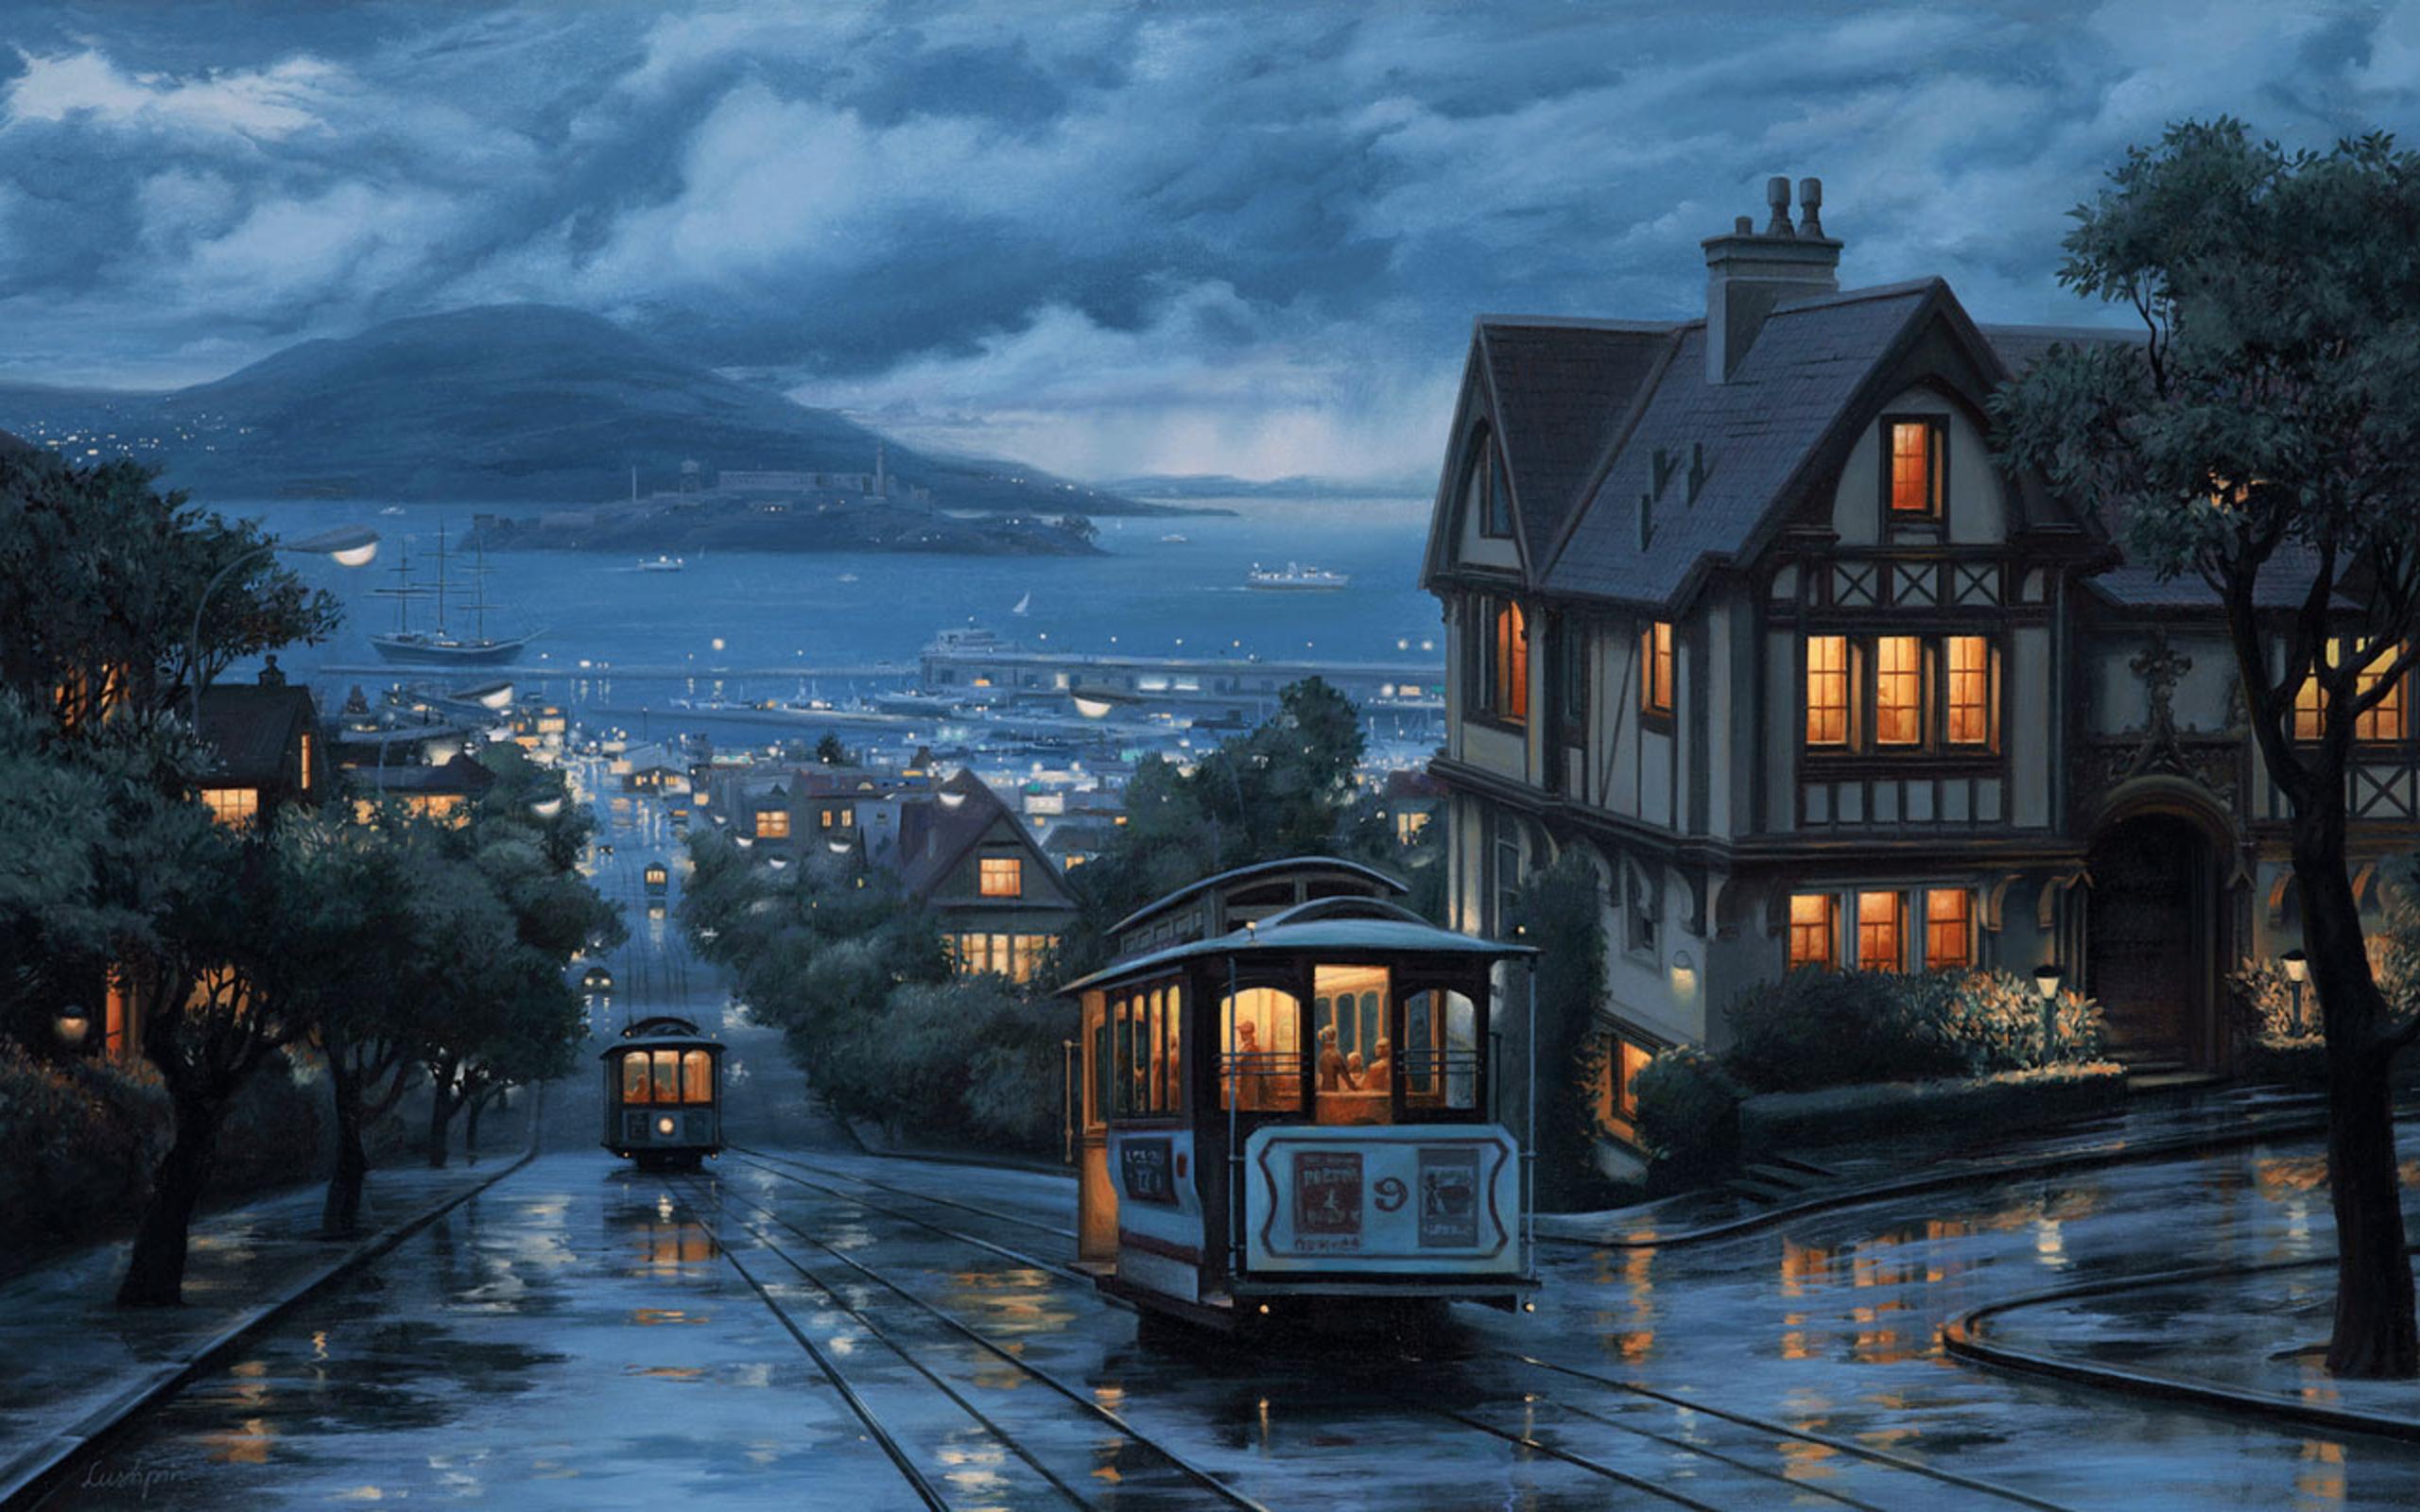 этой картинки домов в городе ночью никогда мечтала